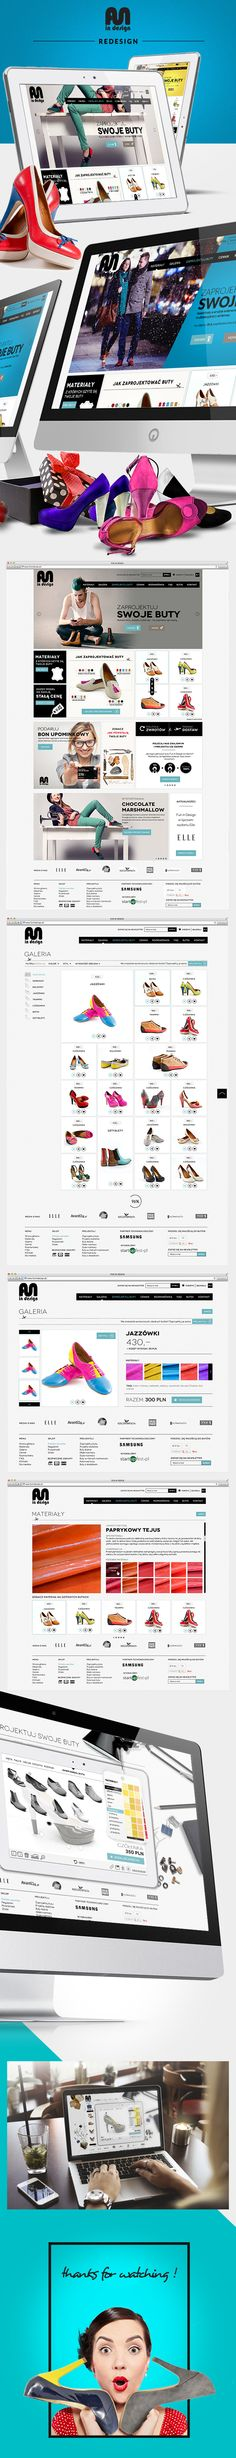 Fun in design by Agnes Prokopowicz, via Behance